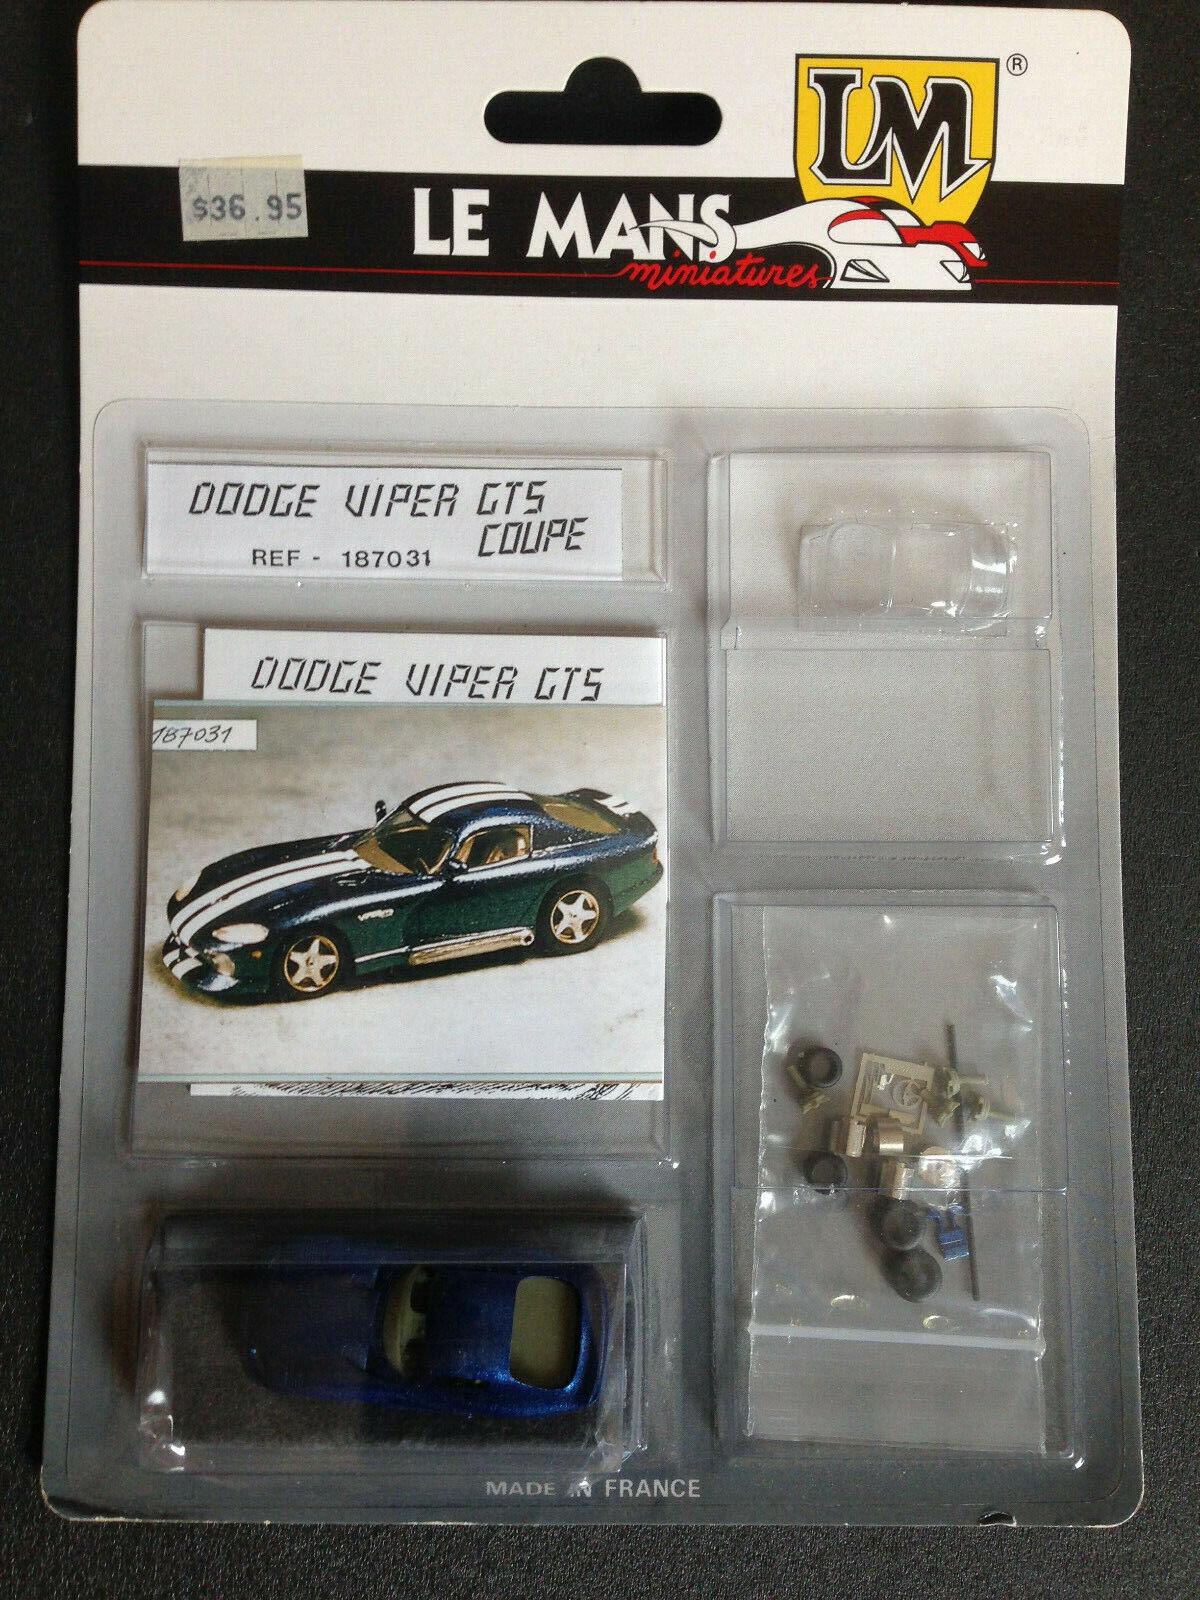 Dodge Viper GTS le mans miniatures Lemans 1 87 nuevo en OVP New 187031